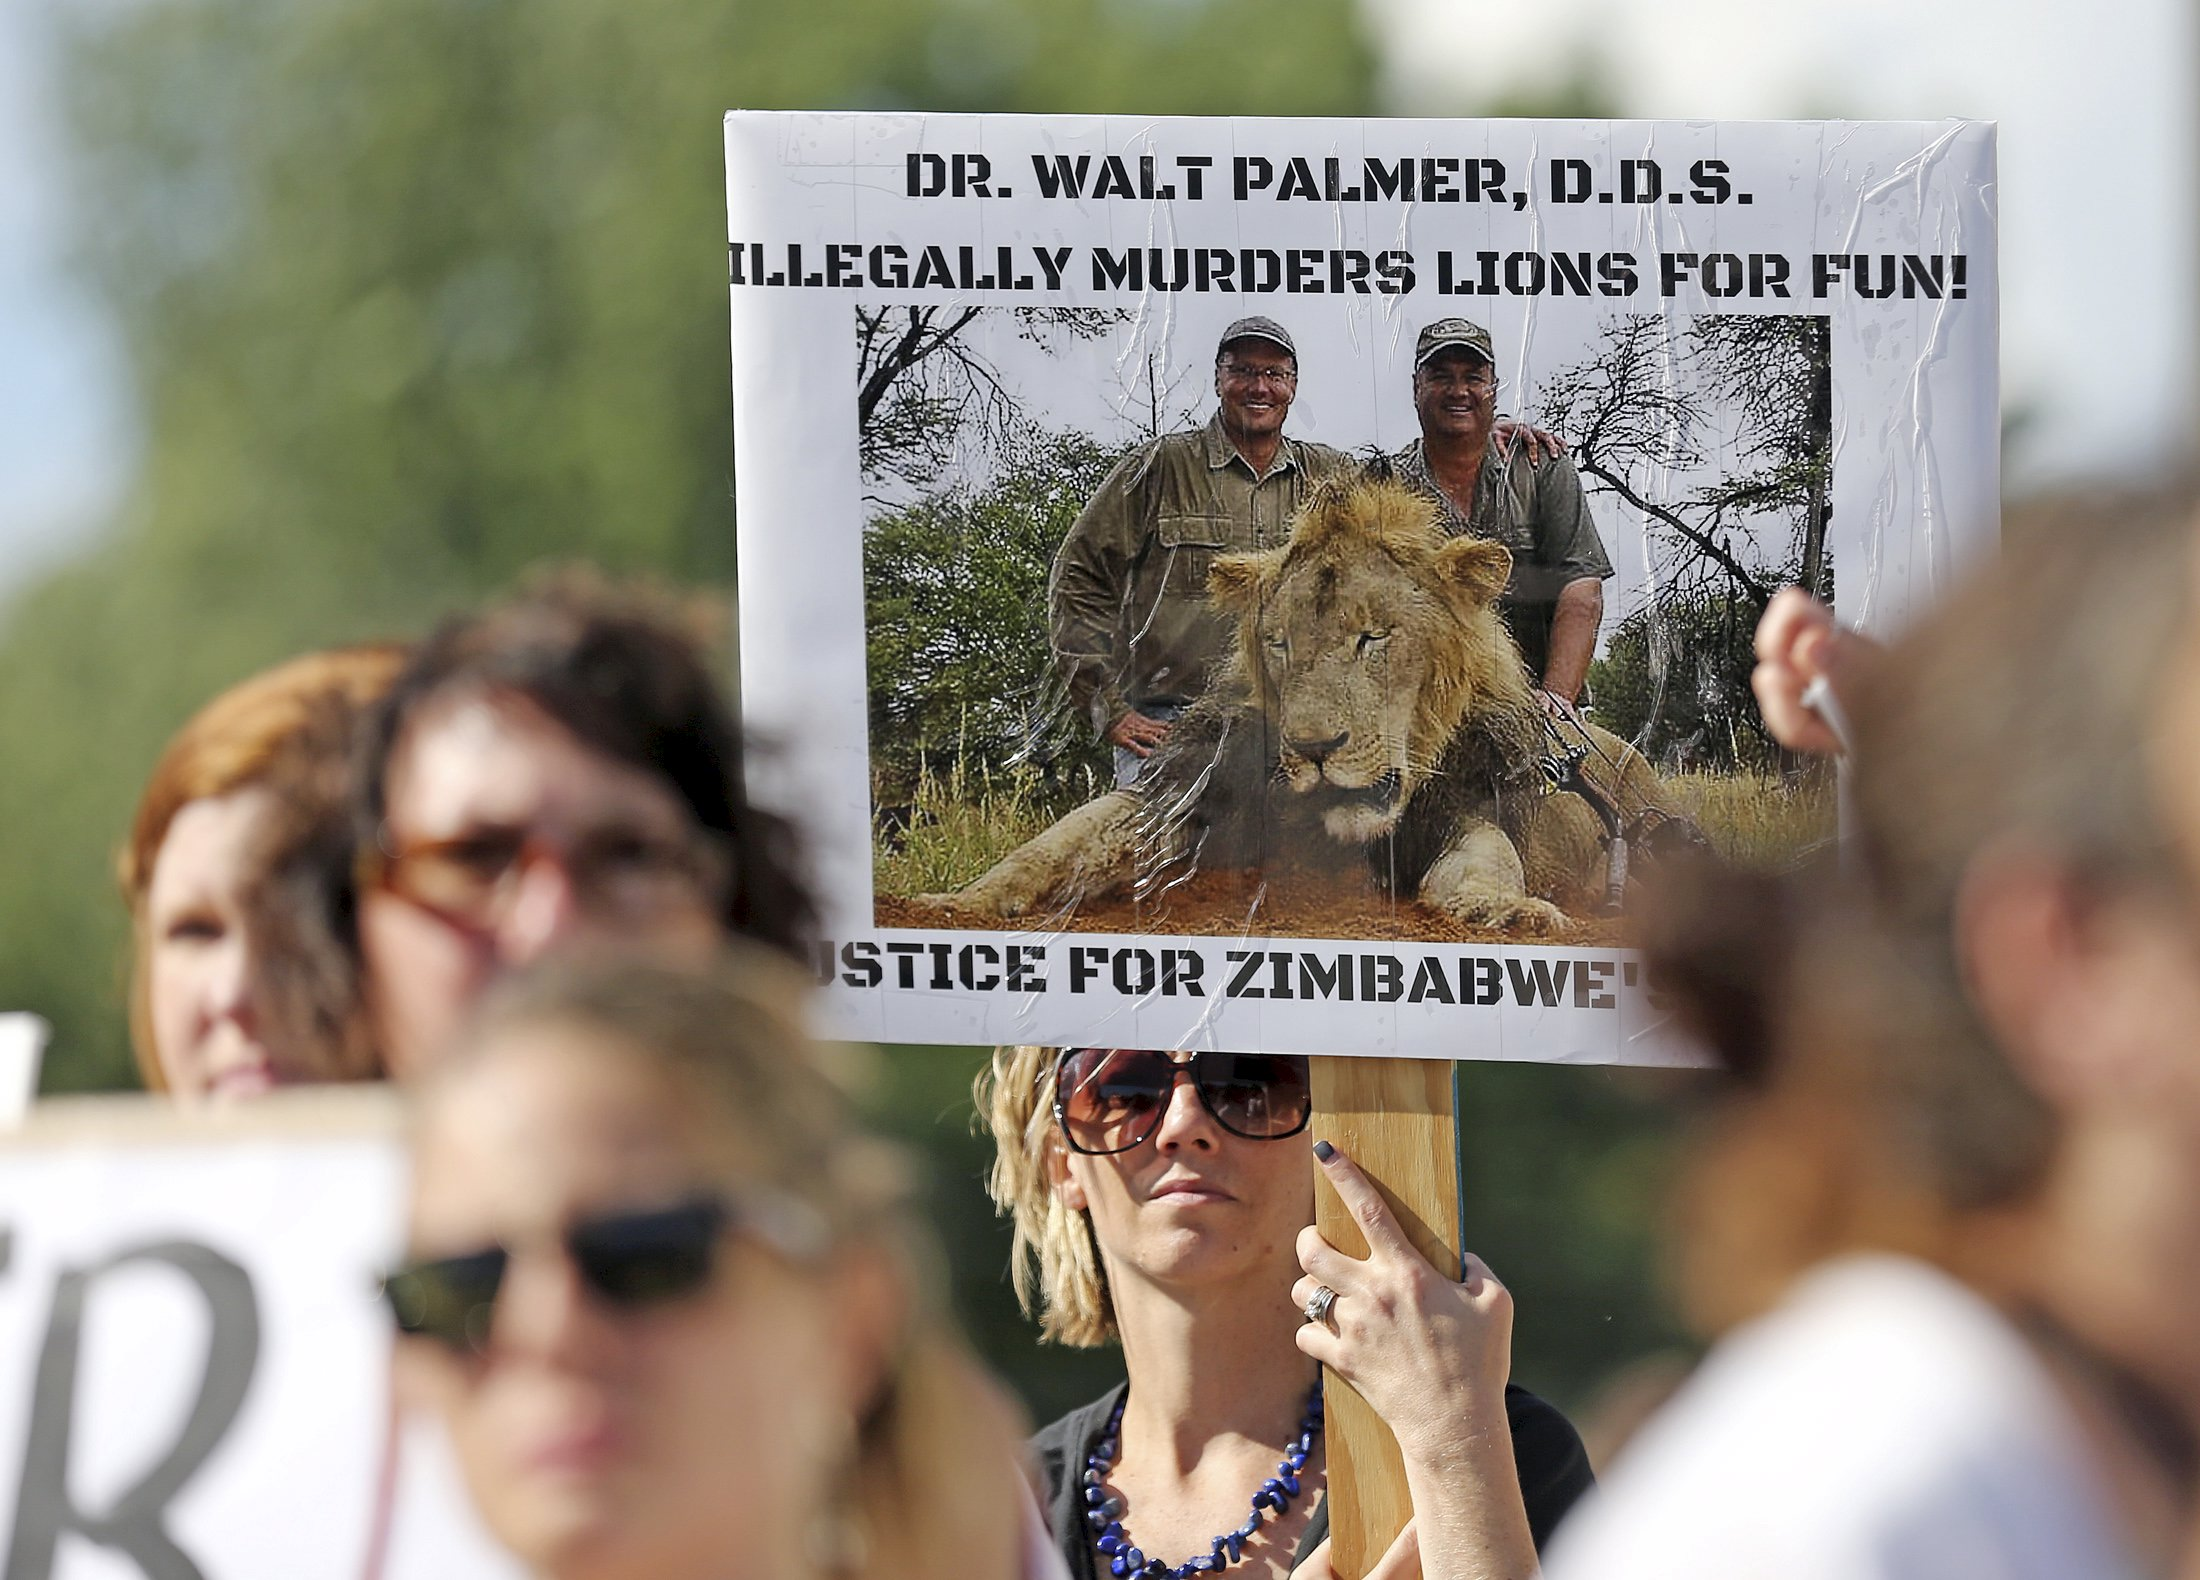 新华社温得和克8月10日新媒体专电(记者吴长伟)国际善待动物协会10日发布声明,呼吁纳米比亚和南非两个非洲国家放弃残忍的狩猎活动。   美国牙医帕尔默上月在津巴布韦猎杀狮王塞西尔后引发国际谴责合法狩猎的声浪。从上周起,近20家主要国际航空公司下令禁运狩猎战利品,其中包括美国达美航空、美国联合航空、加拿大航空和法国航空公司等。   不过,禁运令遭到南非和纳米比亚两国反对。纳米比亚环境与旅游部长波汉巴希菲塔上周说,禁运令将影响南部非洲的动物保护。   南非航空也抵制禁运令,称禁止狩猎者运回战利品对